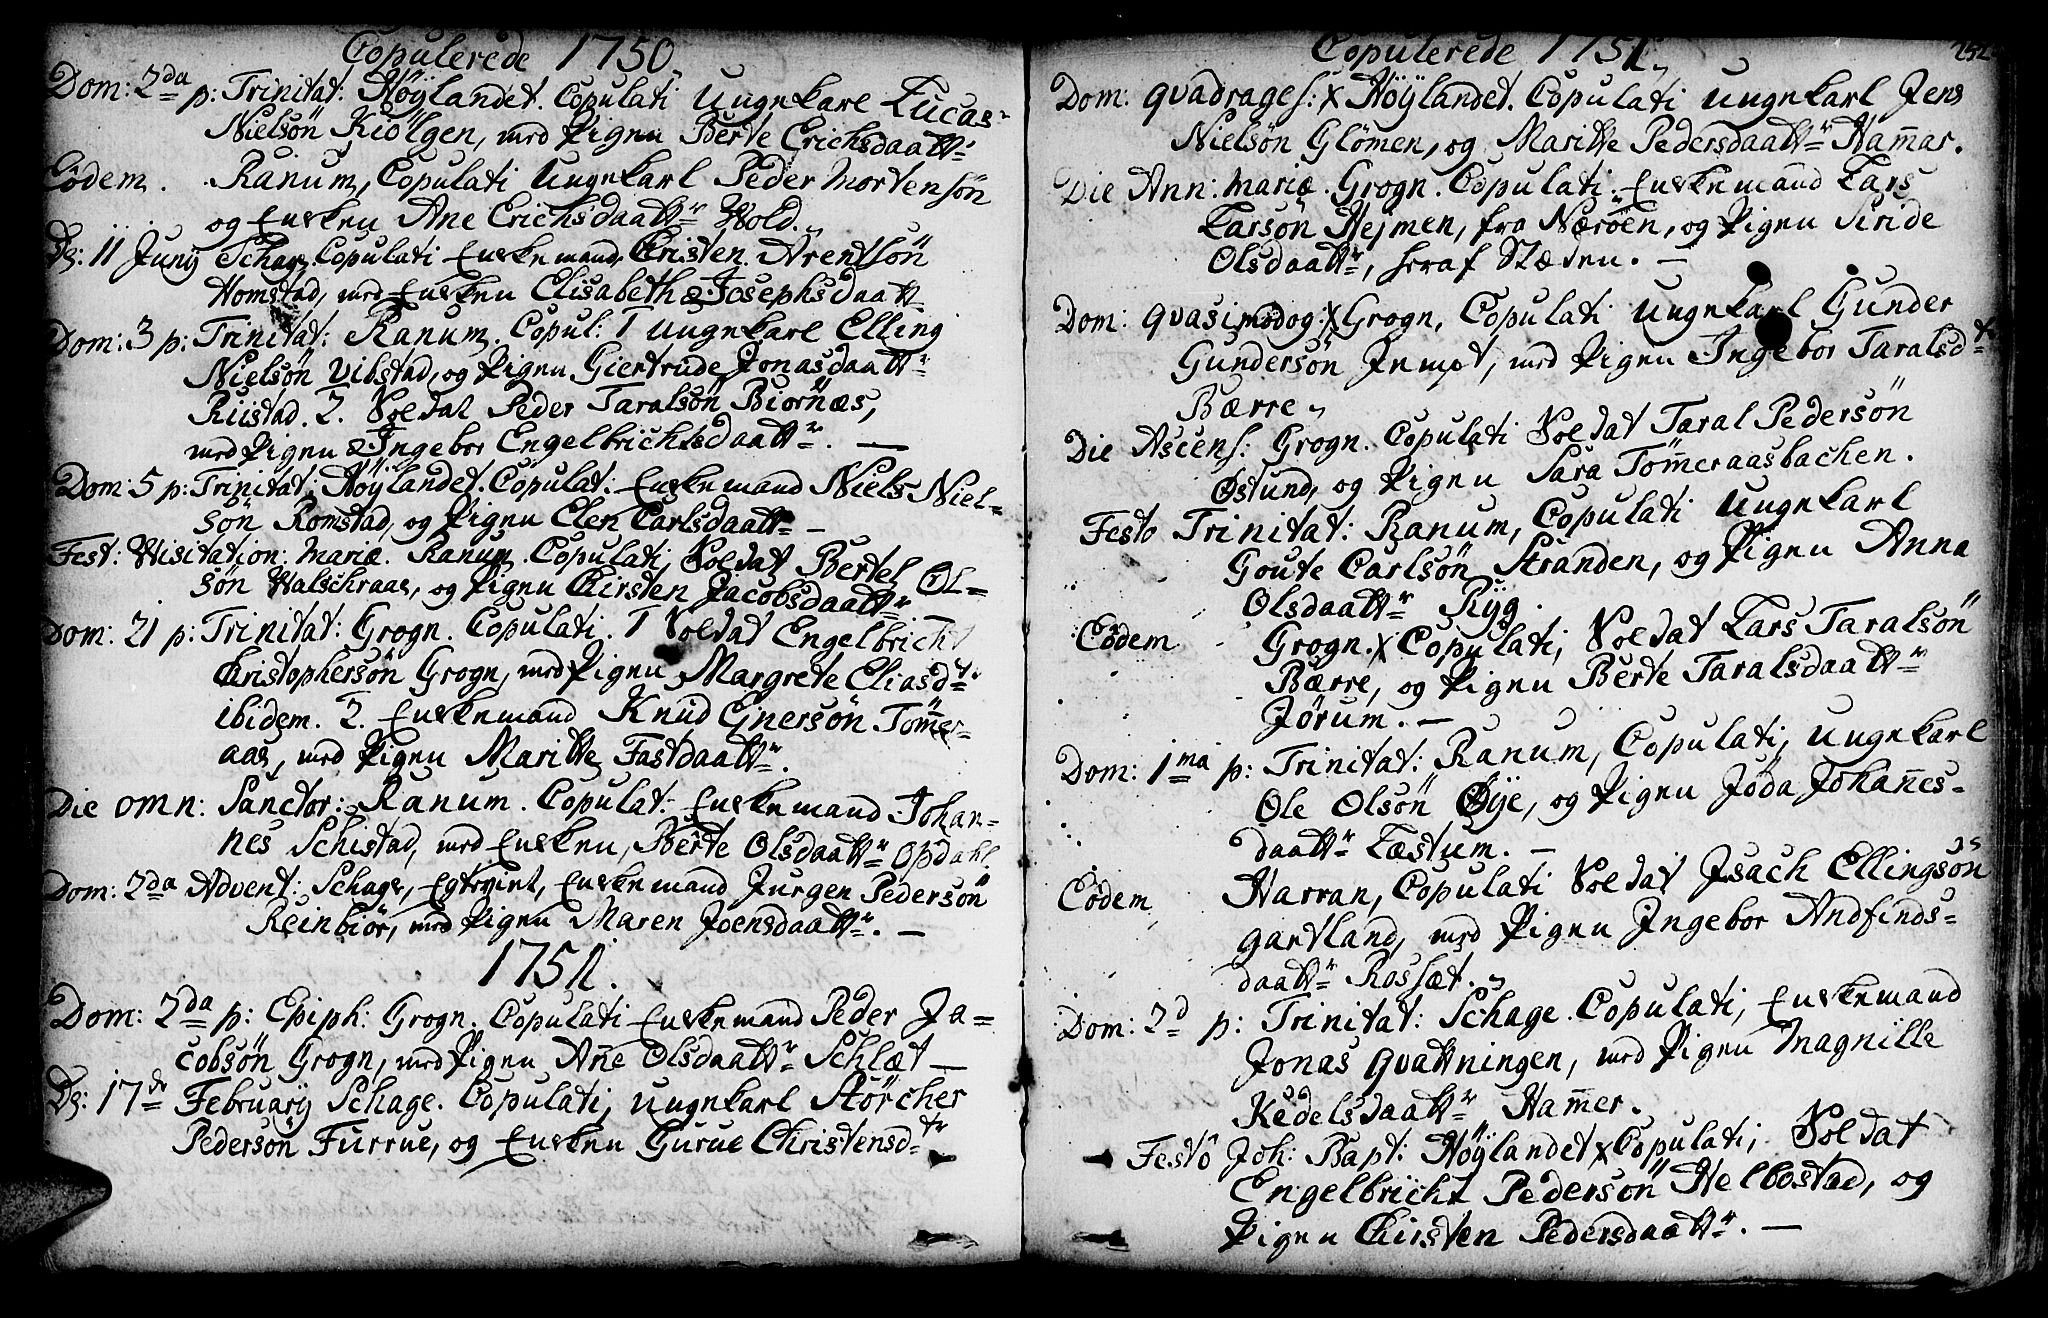 SAT, Ministerialprotokoller, klokkerbøker og fødselsregistre - Nord-Trøndelag, 764/L0542: Ministerialbok nr. 764A02, 1748-1779, s. 252